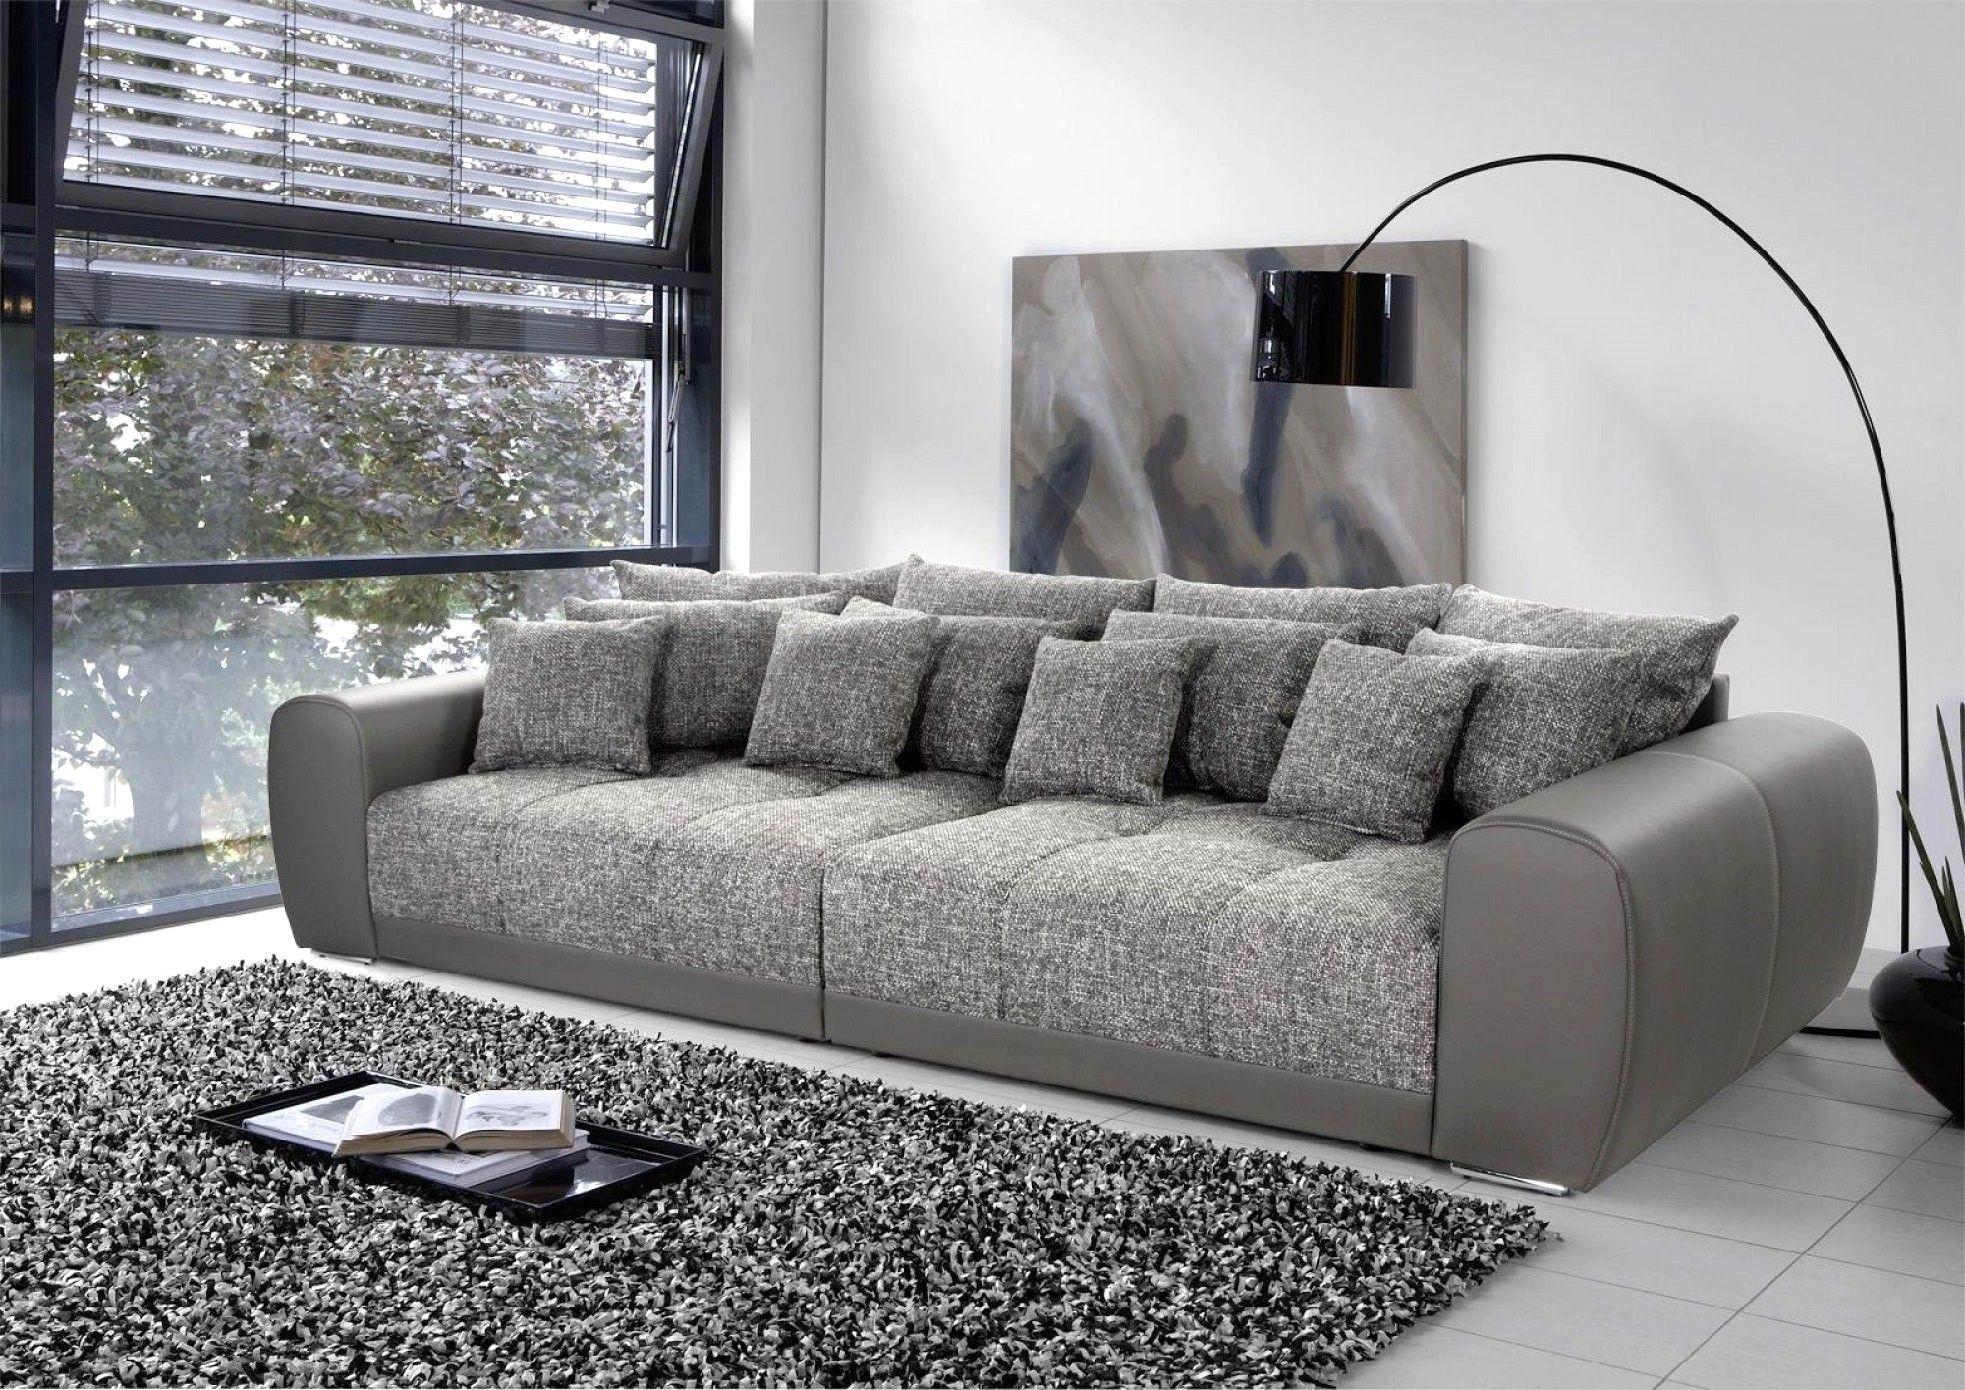 Full Size of Sofa Auf Raten Bestellen Kaufen Trotz Negativer Schufa Couch Big Ohne Ratenzahlung Ratenkauf Rechnung 18 Einzigartig Fenster Maß Hersteller Elektrisch Sofa Sofa Auf Raten